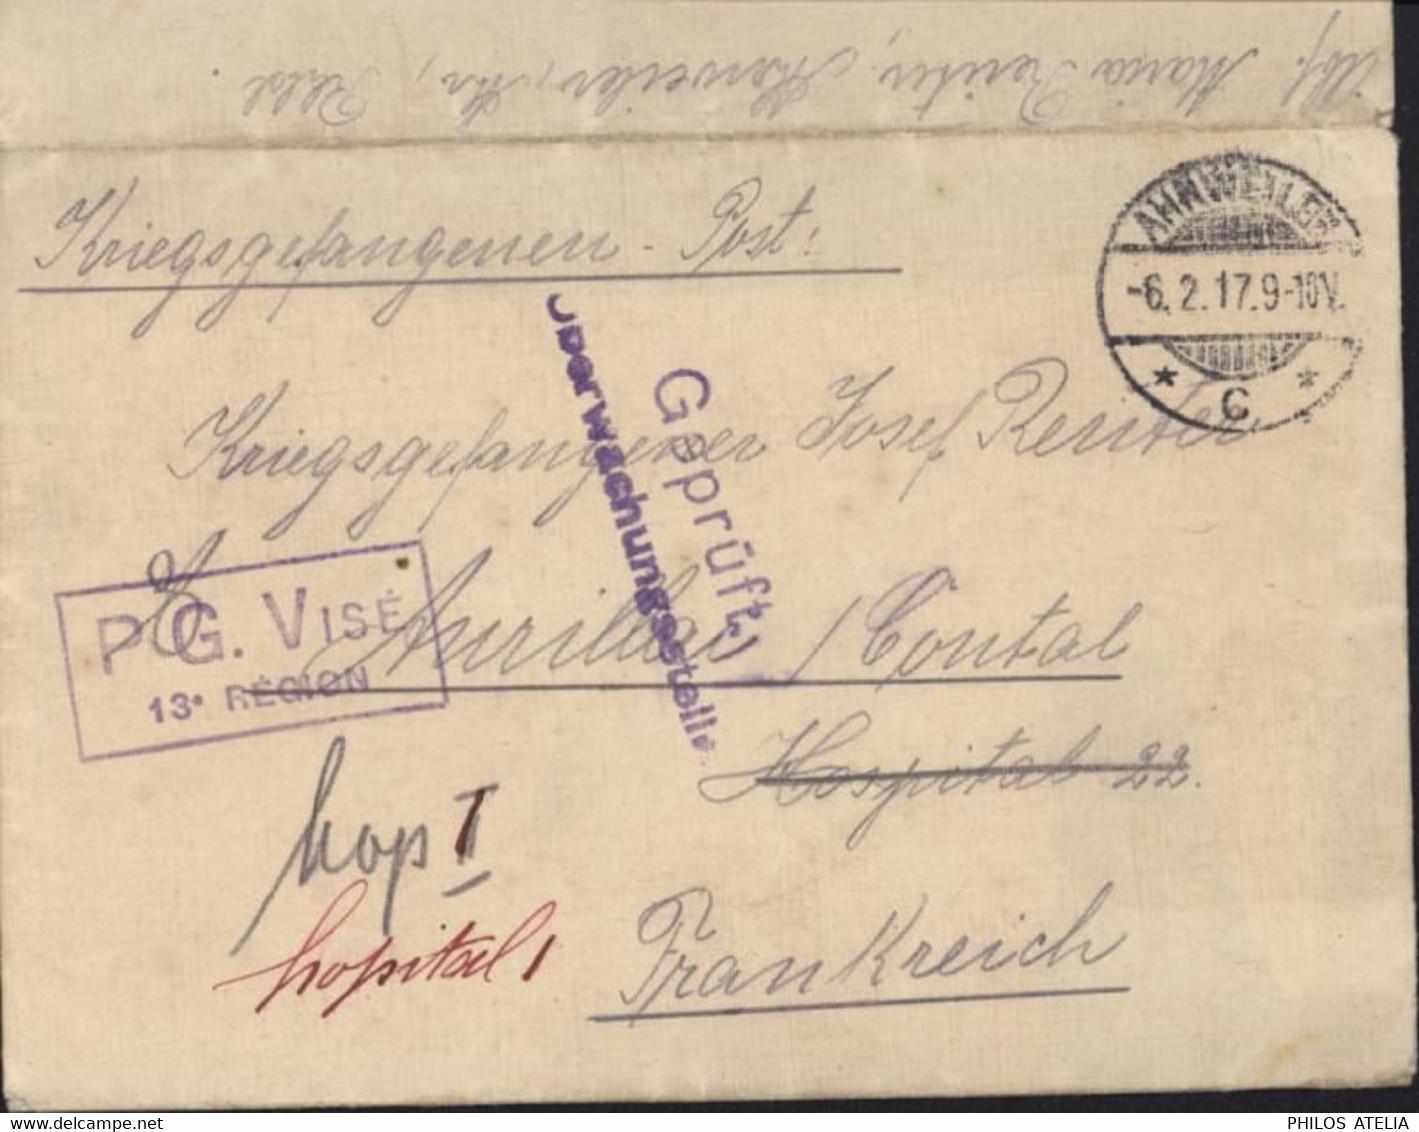 Guerre 14 Prisonnier Allemand En France Ahrweiler 6 12 17 Censure Allemagne + PG Visé 13e Région Pour Hôpital 1 Aurillac - Oorlog 1914-18